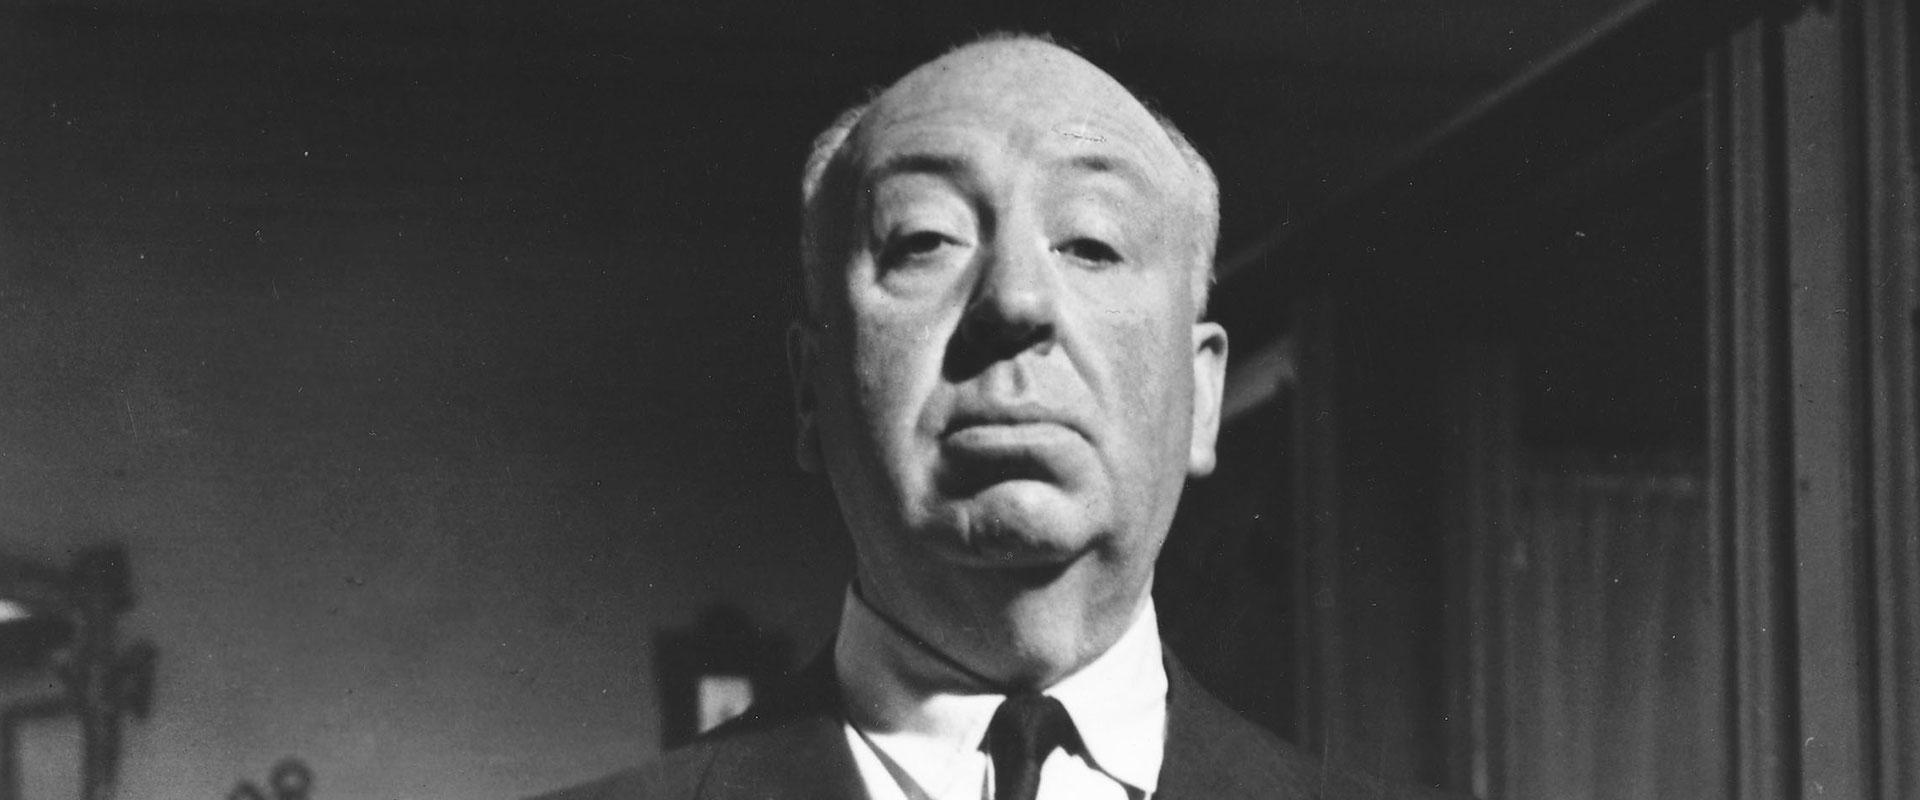 A Monza la mostra sui film di Alfred Hitchcock, raccontati attraverso foto e materiali d'archivio